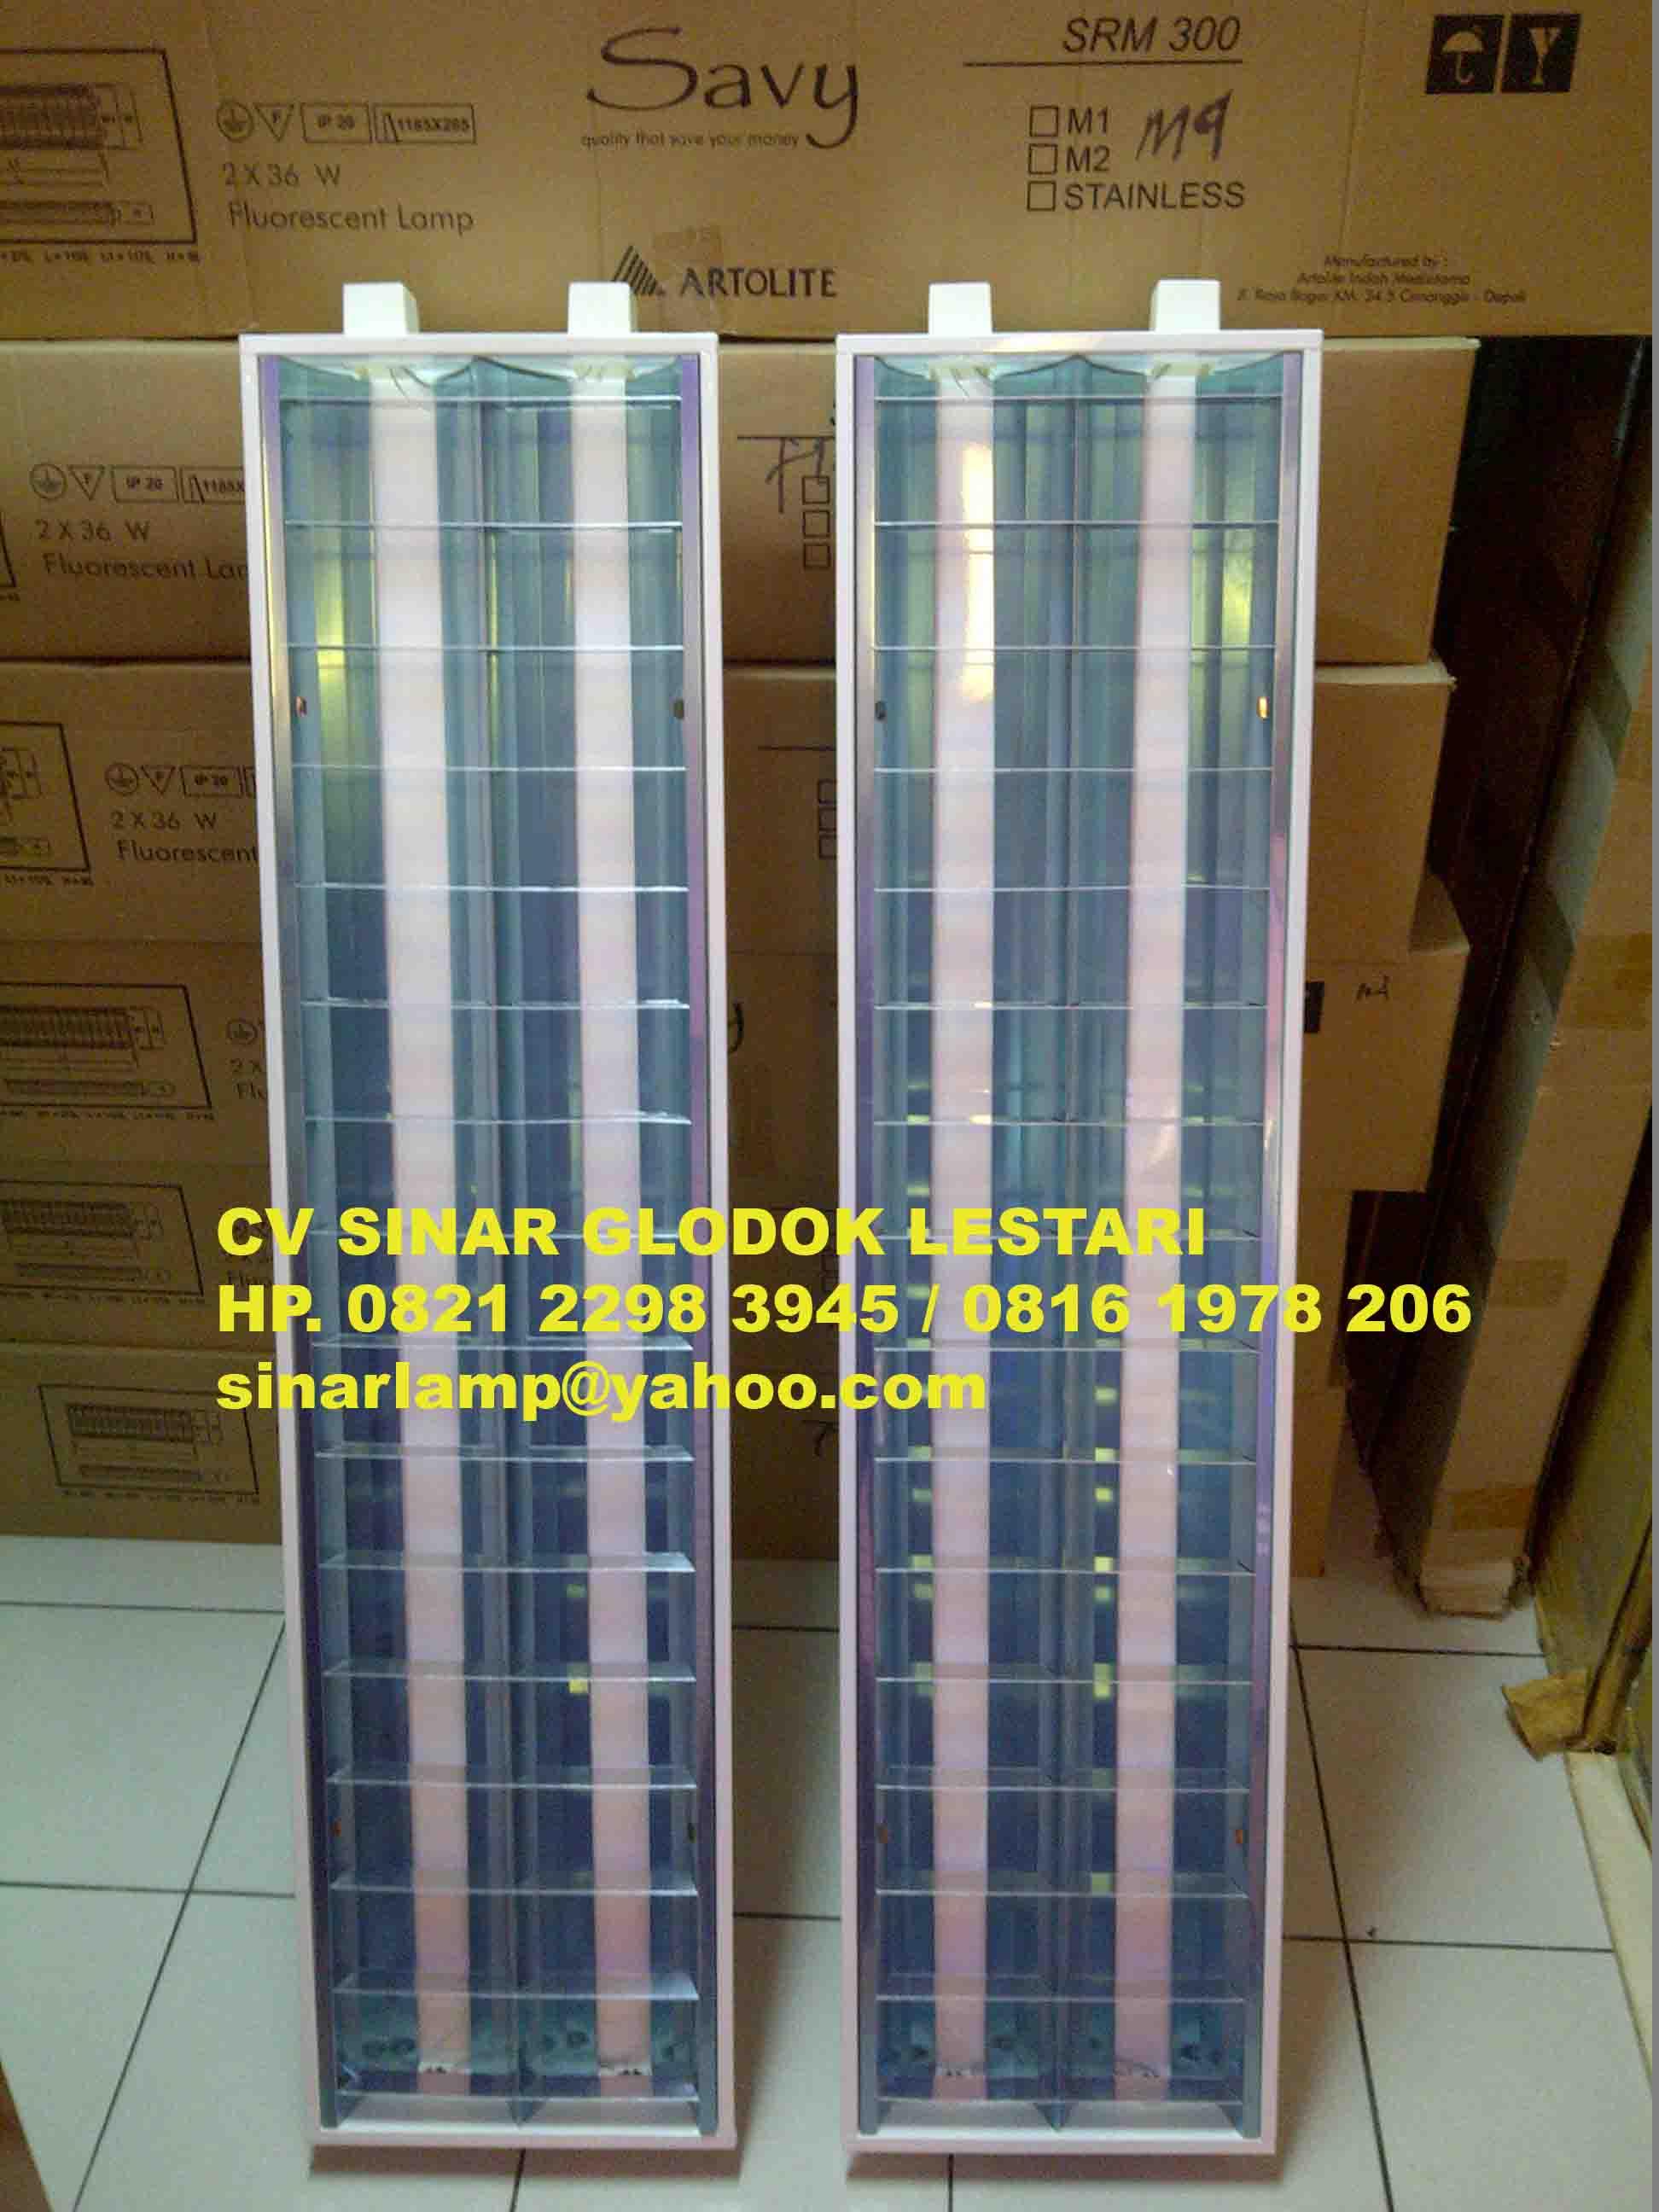 kap lampu tl kap lampu rm 2 x 36w m4 savy merk artolite